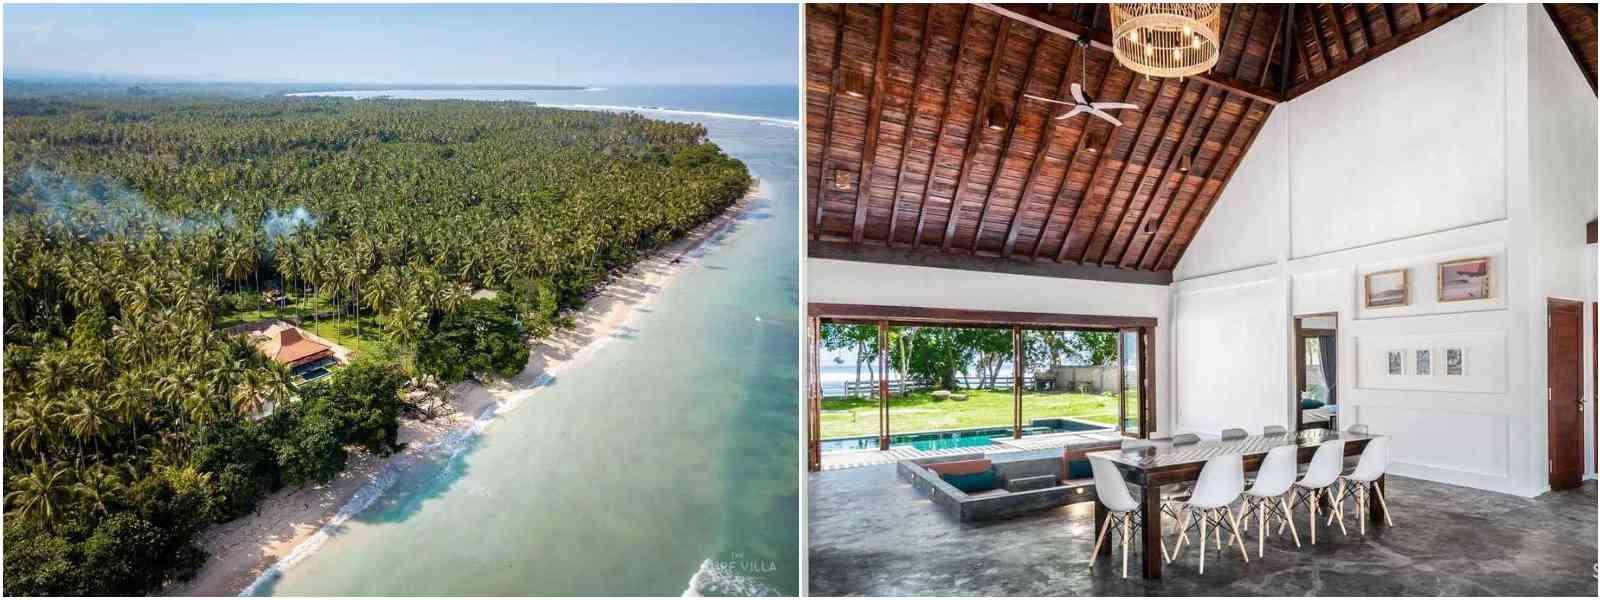 The Surf Villa